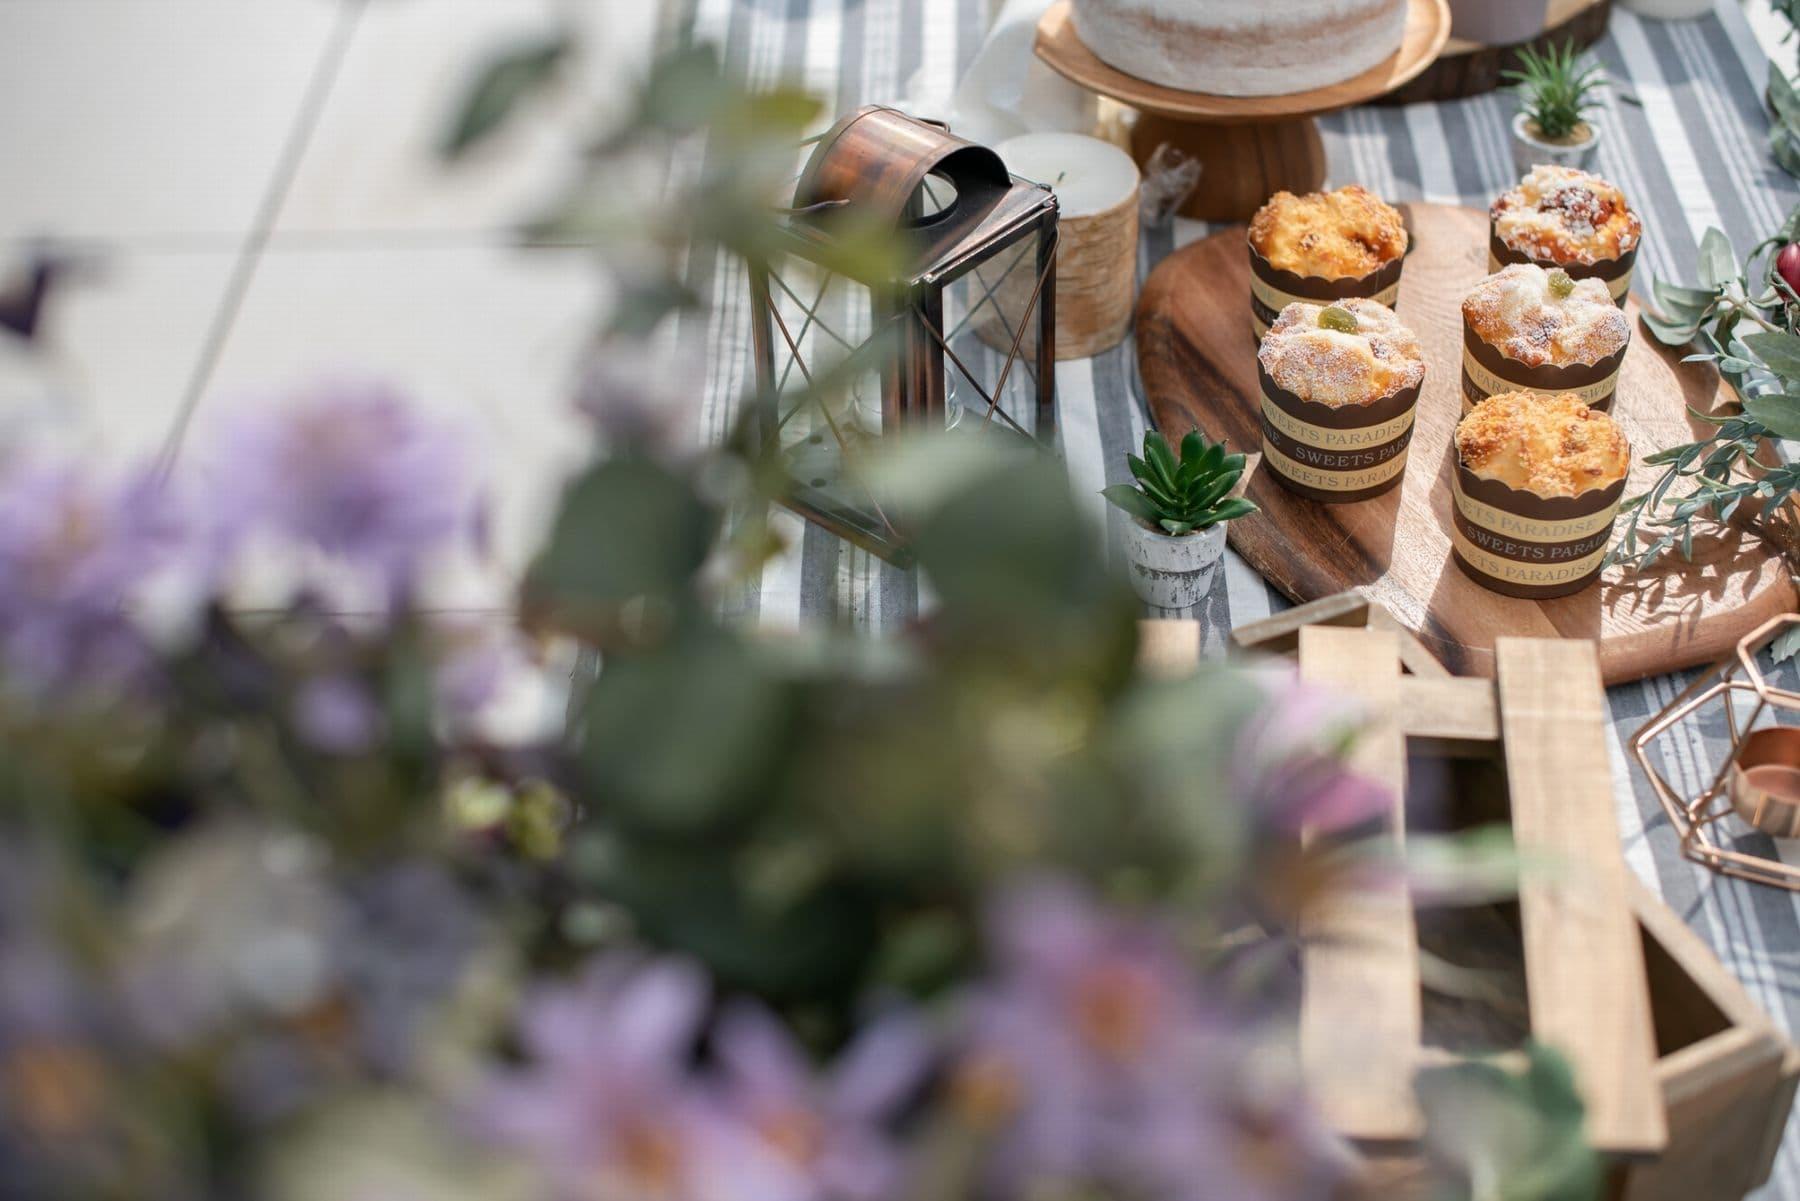 香川県の結婚式場シェルエメール&アイスタイルでフィンガーフードを楽しむ